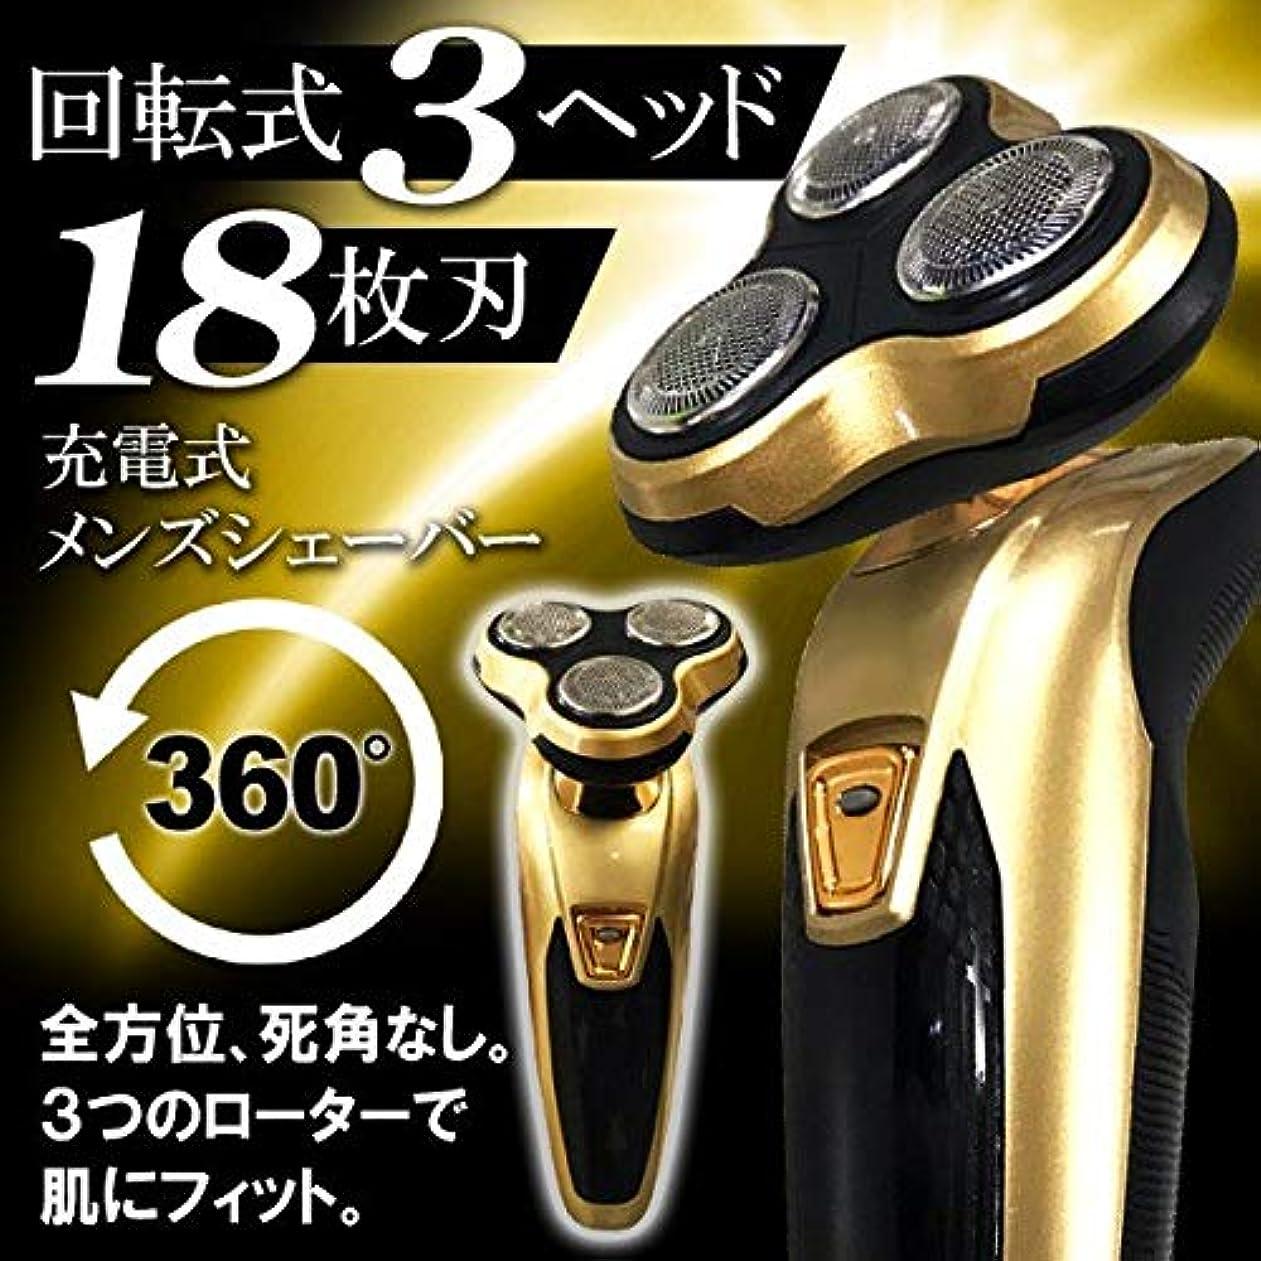 作曲する減少入浴YEP 電気シェーバー 3ヘッド搭載 充電式 メンズシェーバー 3in1 髭剃り 鼻毛カッター グルーミングヘッド